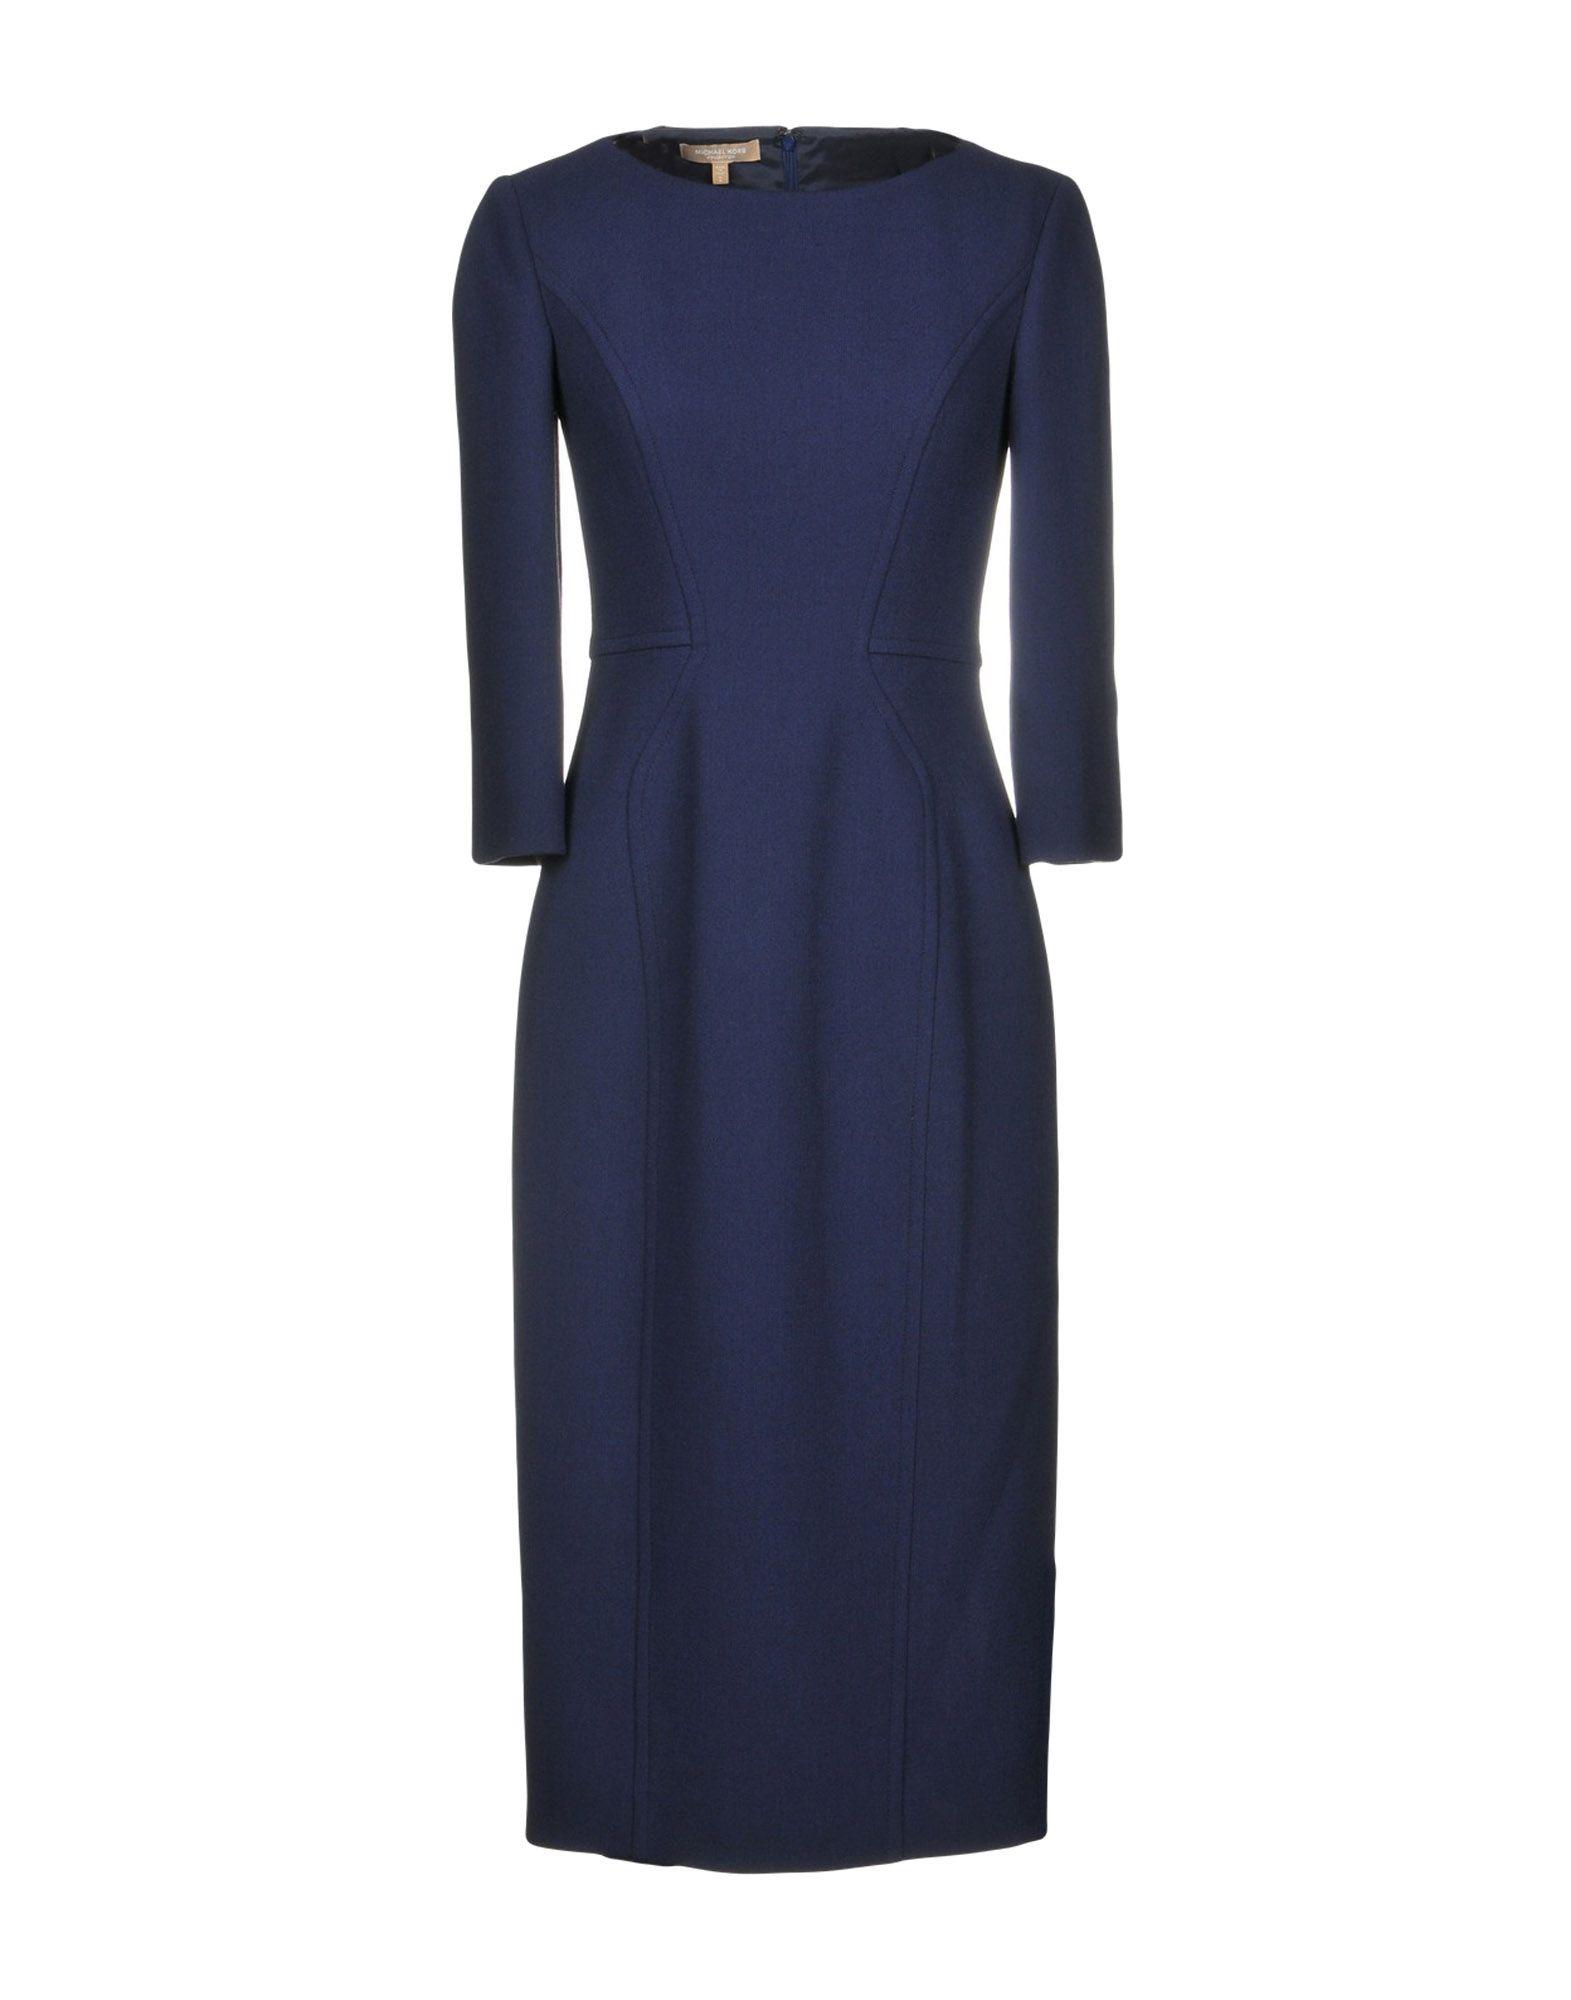 Фото - MICHAEL KORS COLLECTION Платье до колена michael kors collection юбка длиной 3 4